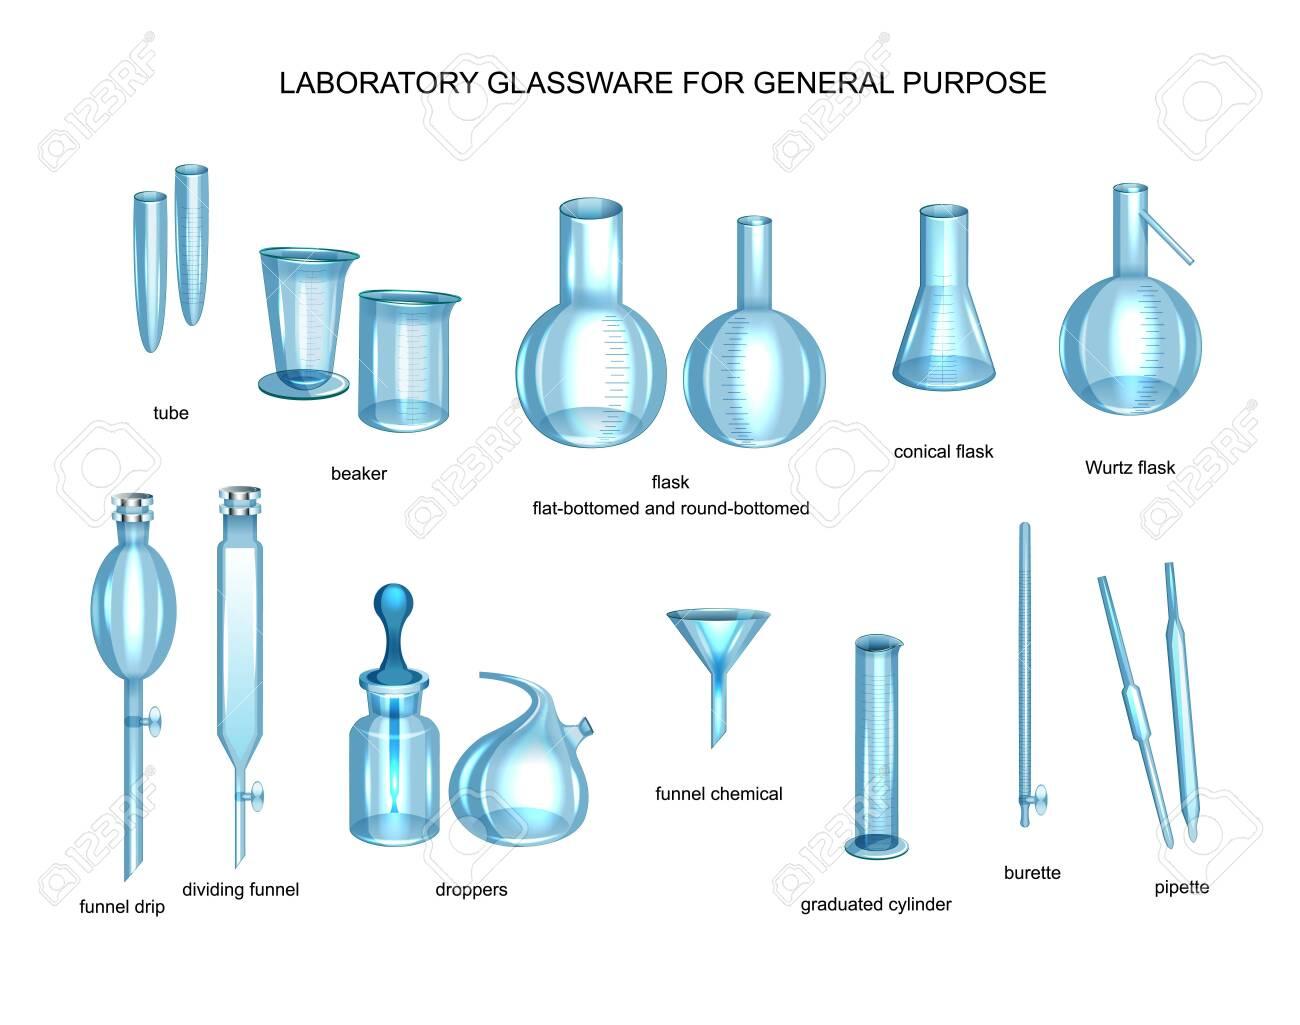 General-purpose laboratory glassware - 133719251